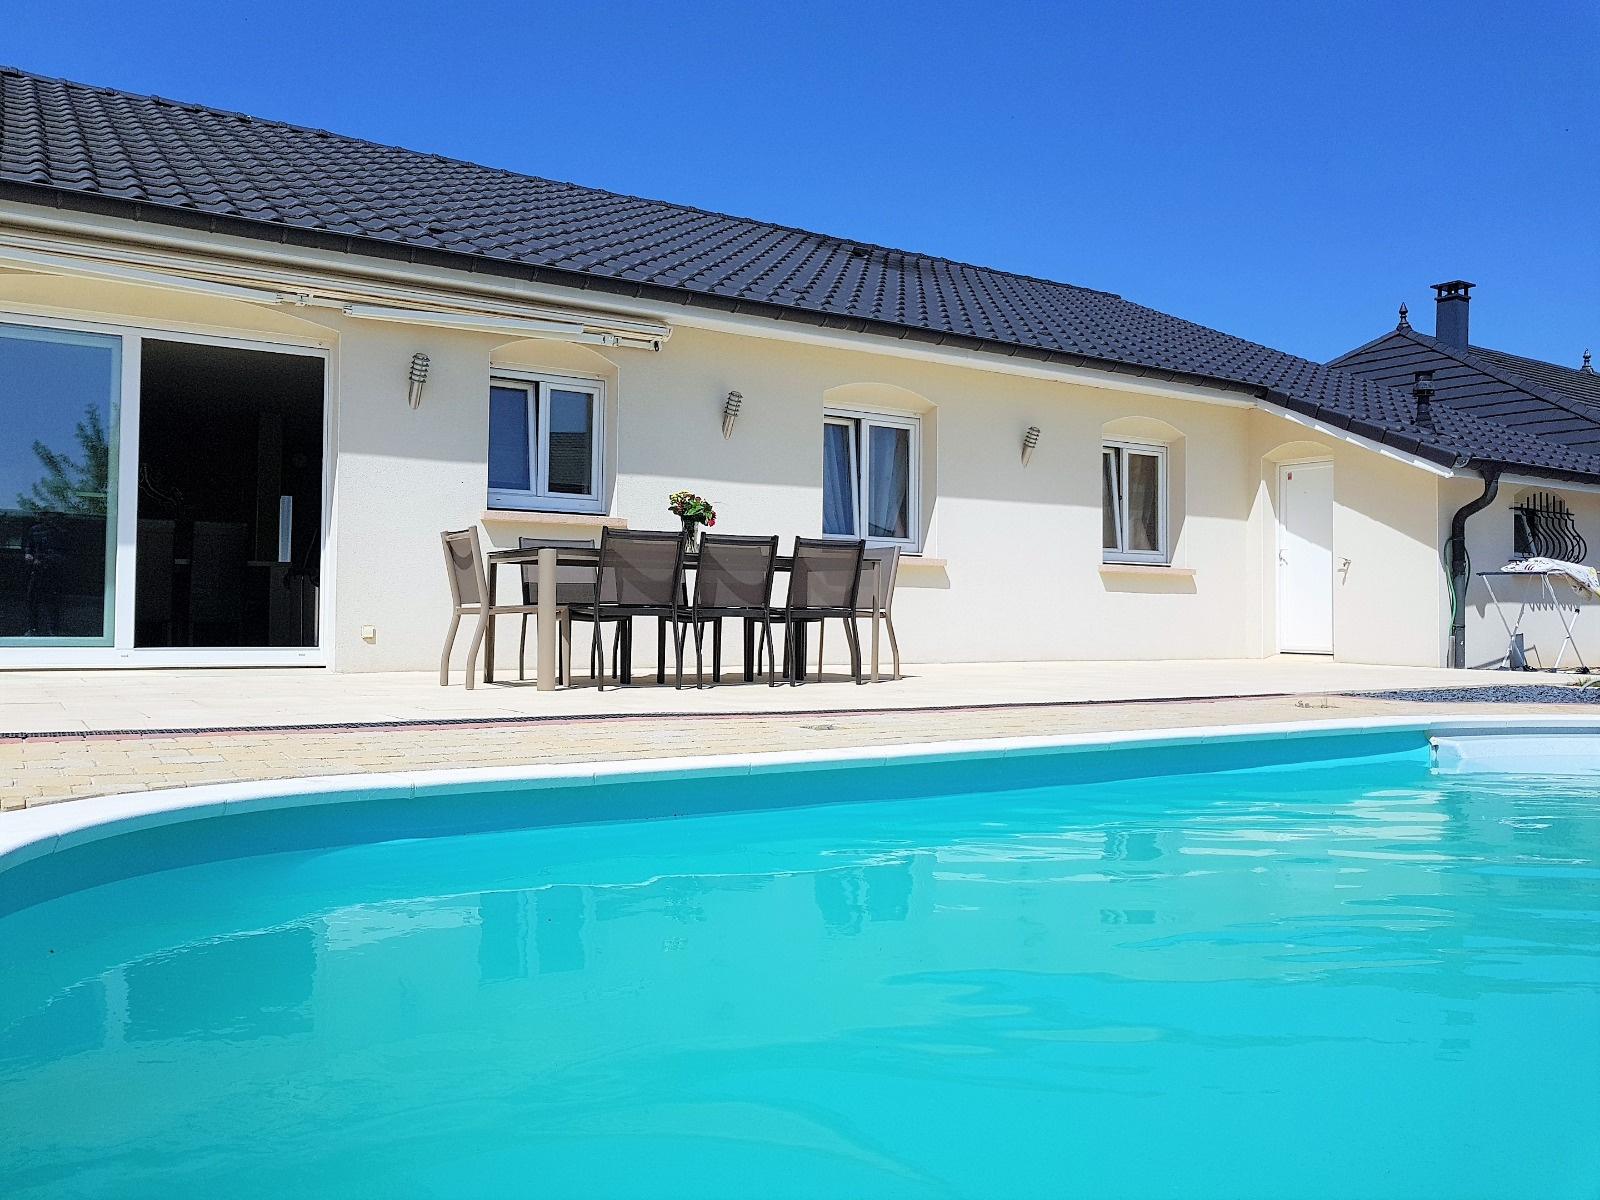 Vente Maison à Fameck 5 pièces 120m² 336 000€ sur Le Partenaire